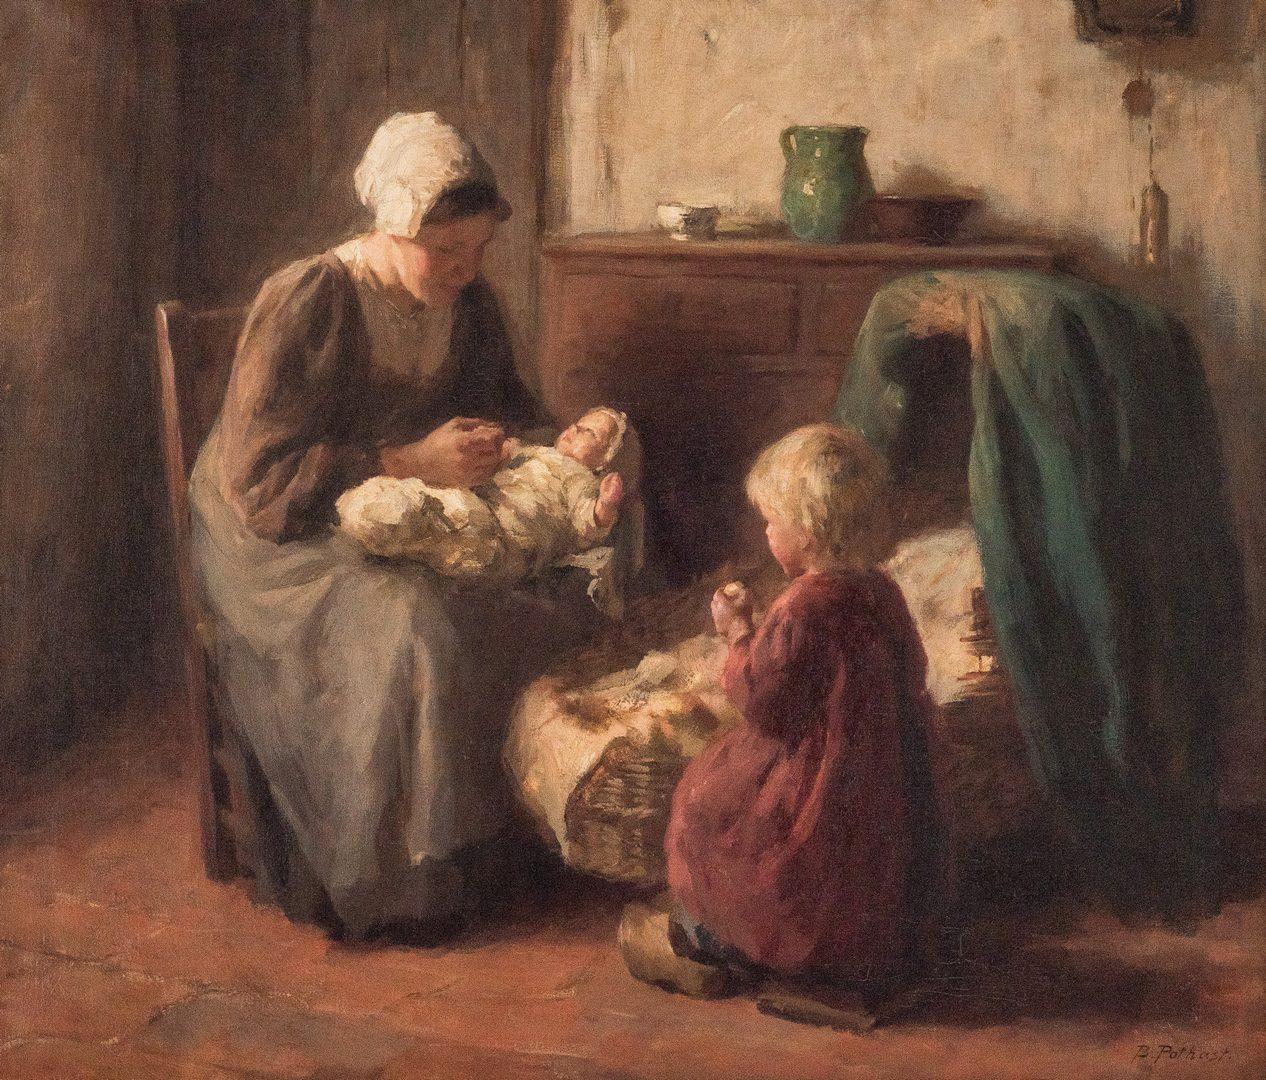 Lot 314: Bernard (Bernhard) Pothast O/C, The Fond Mother